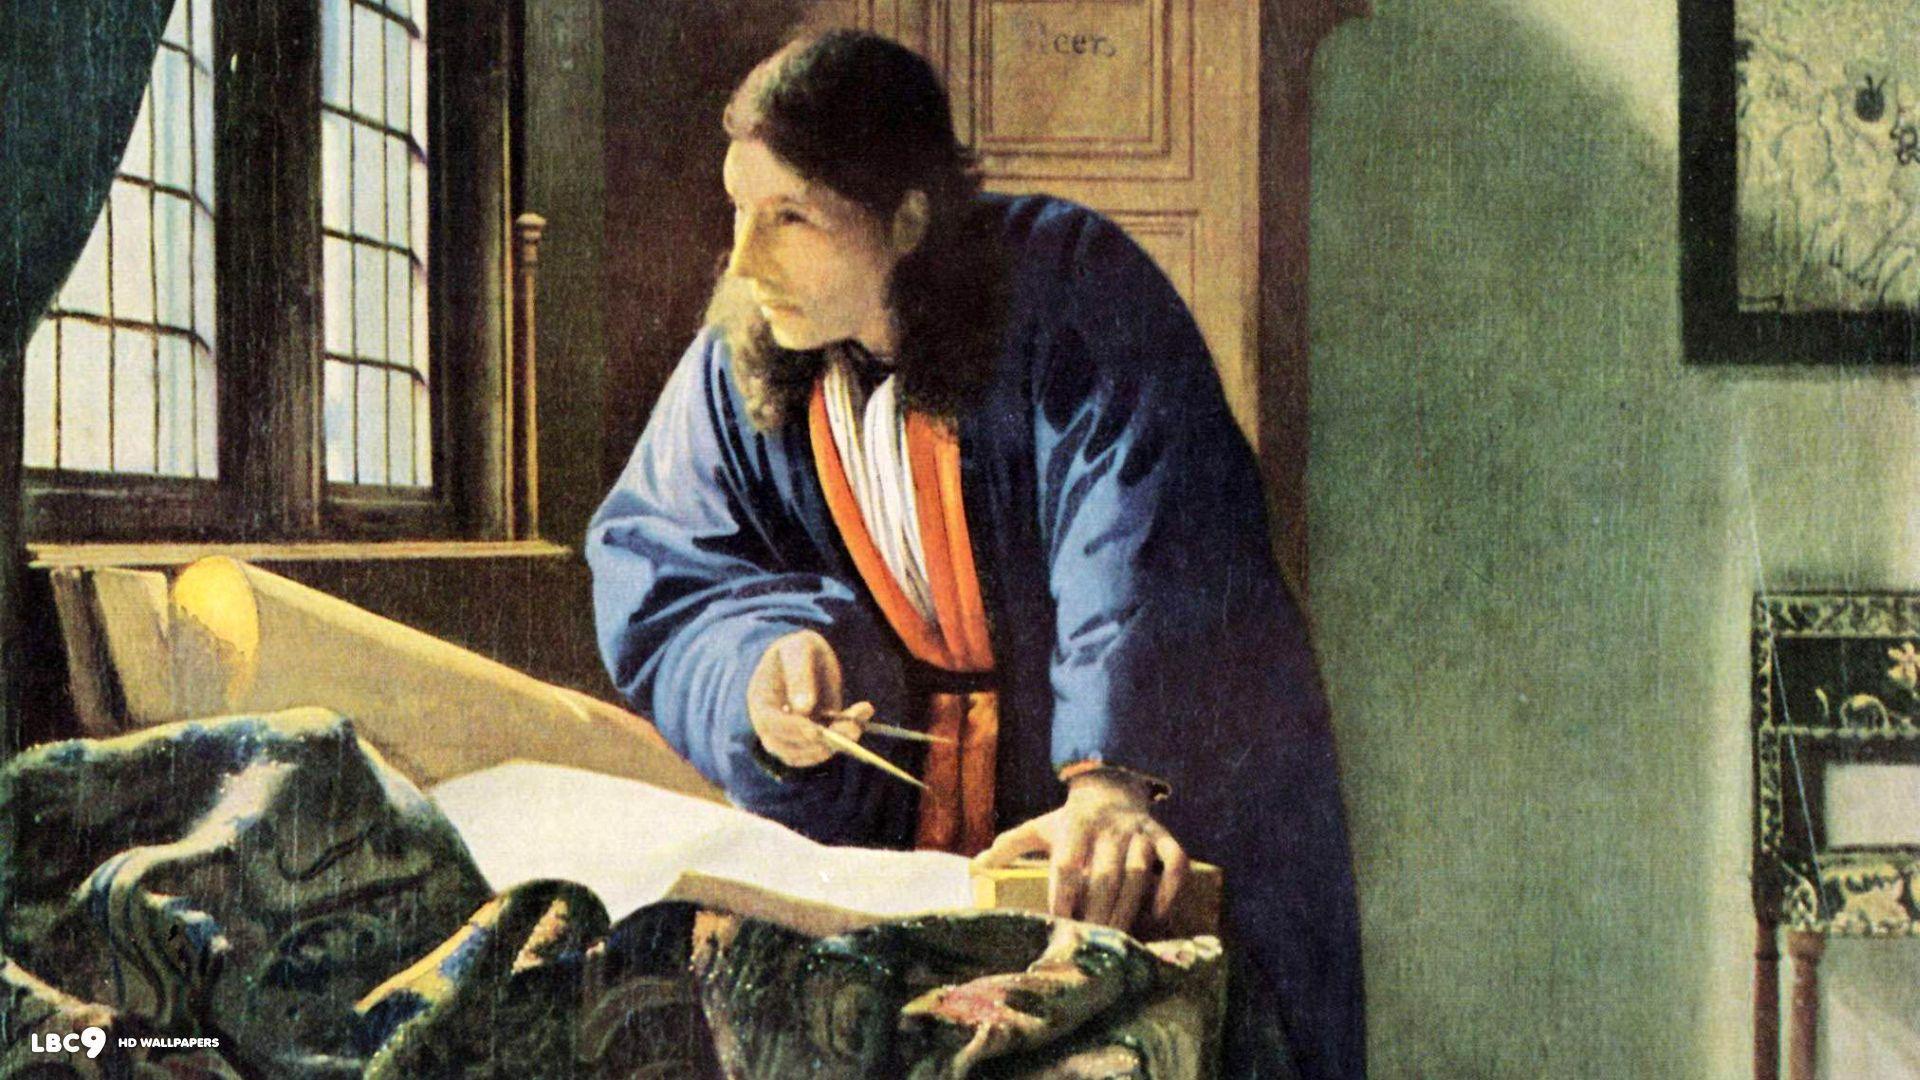 johannes vermeer wallpaper 4/16 | paintings hd backgrounds